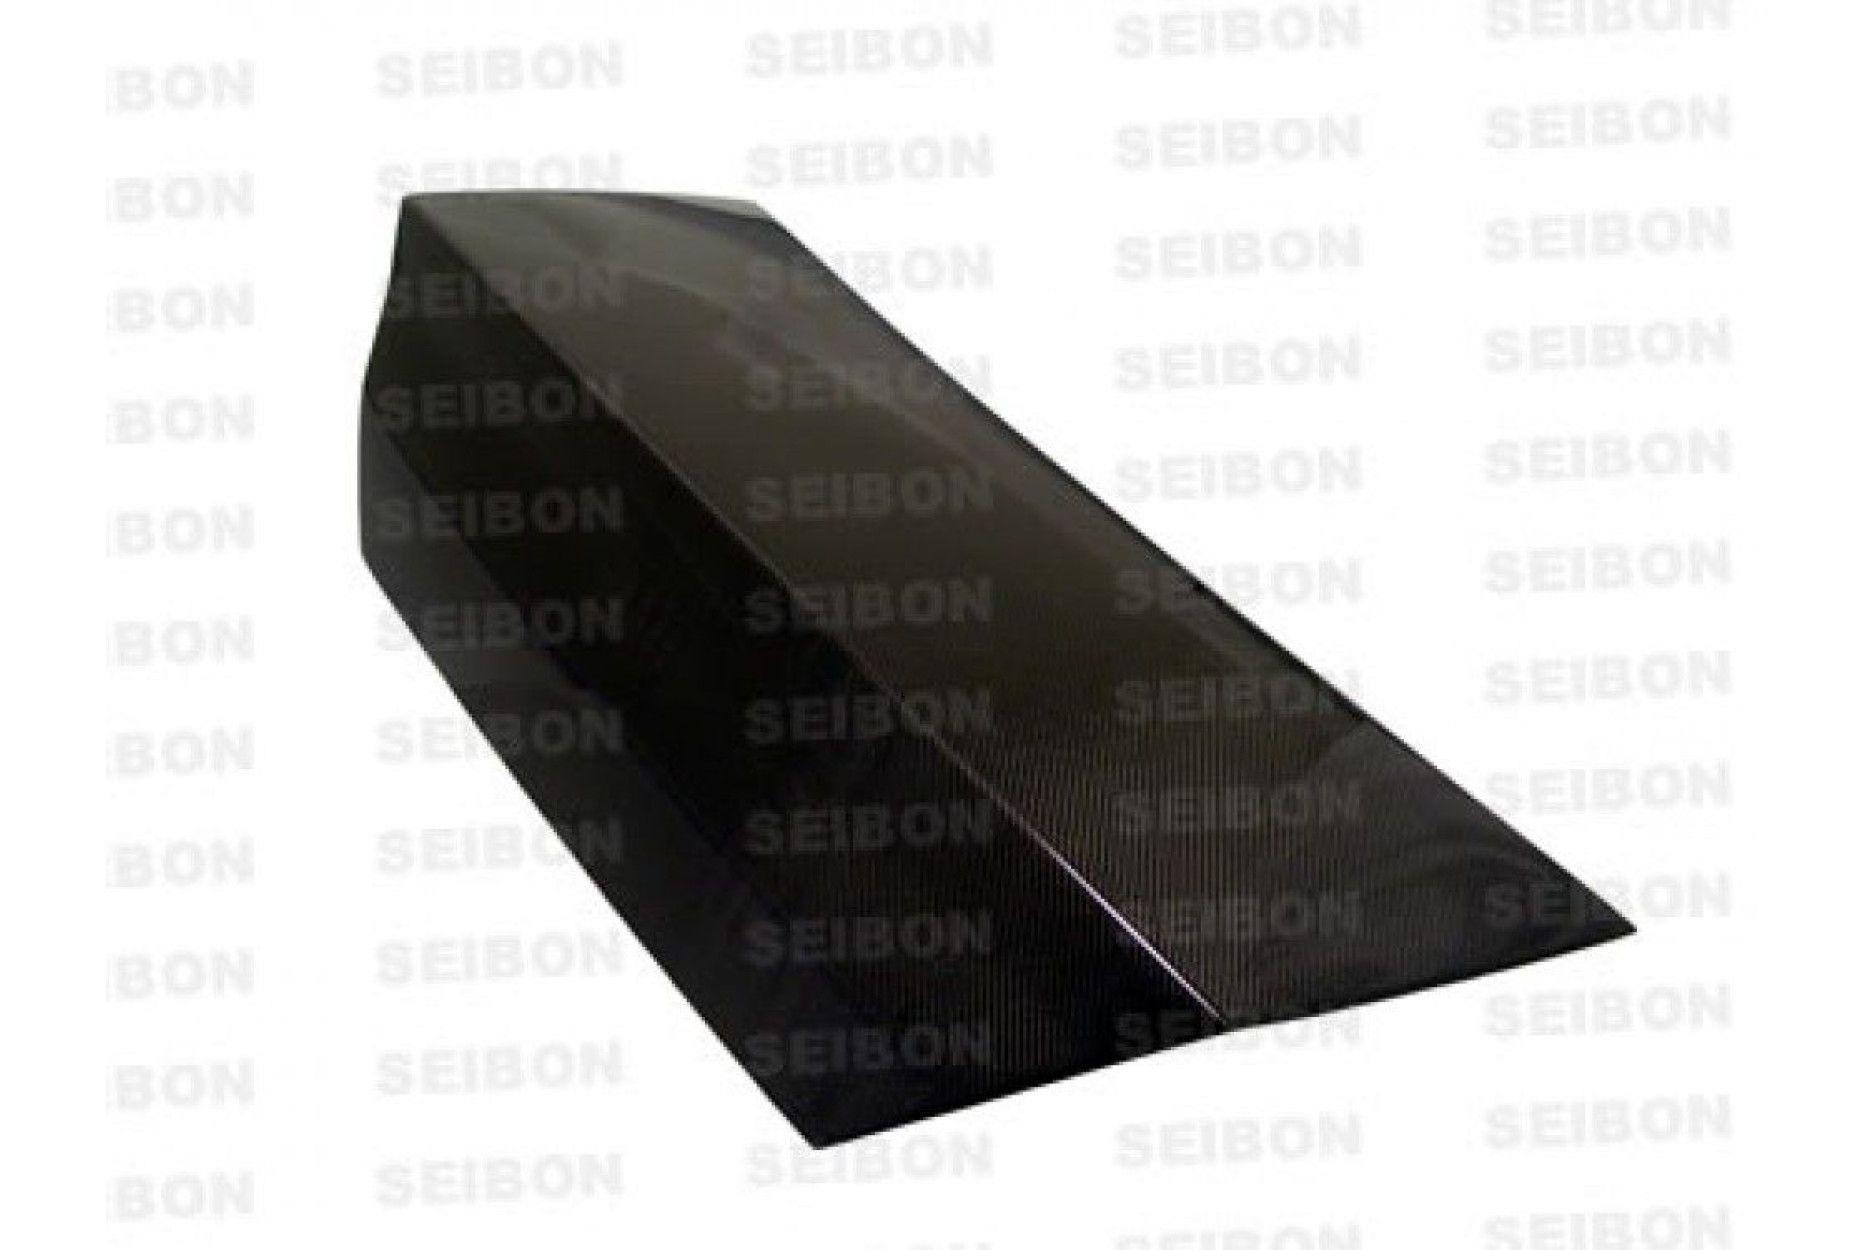 Seibon Carbon Heckdeckel für Mitsubishi Lancer Evolution VII|Evolution IX 2003 - 2007 OE-Style